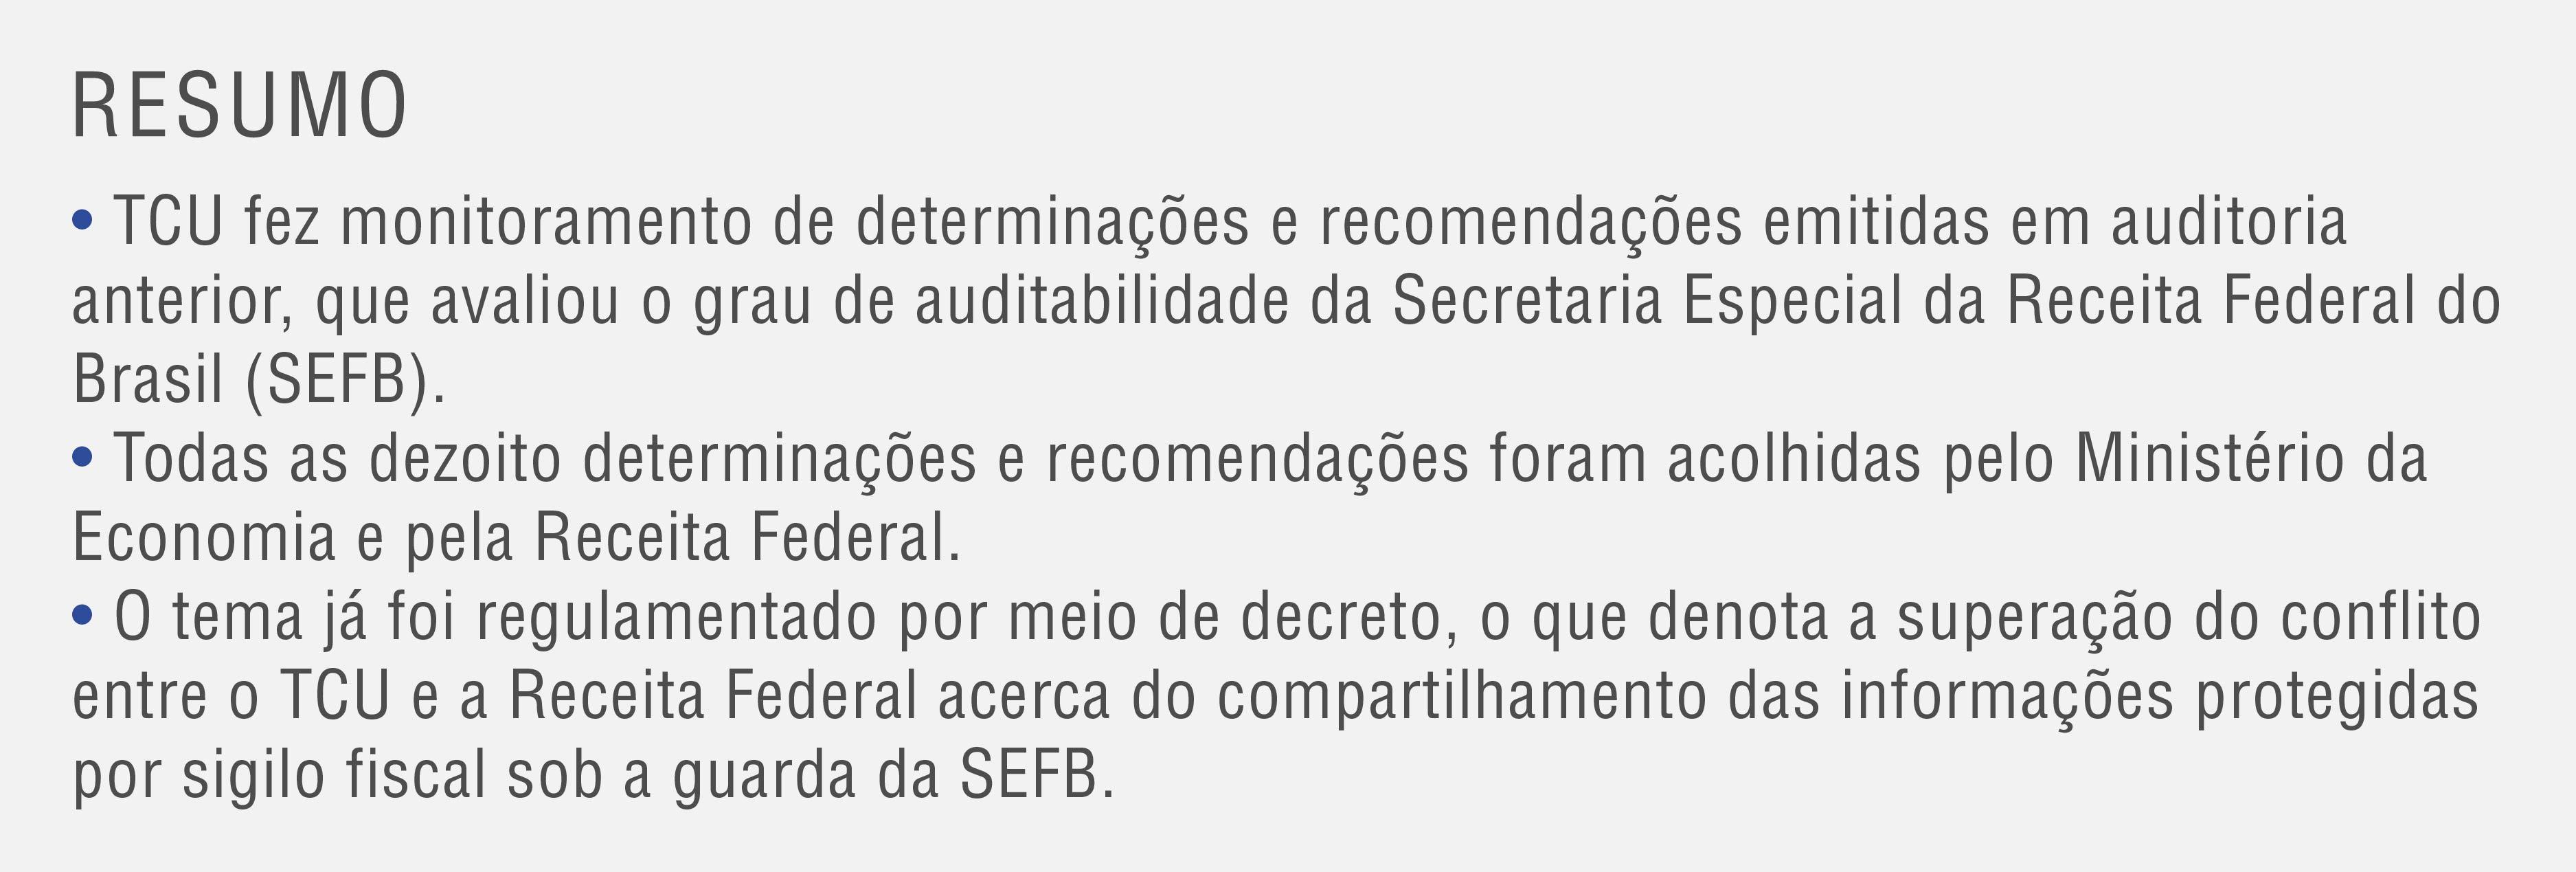 Quadro_resumo_receita-01.jpg